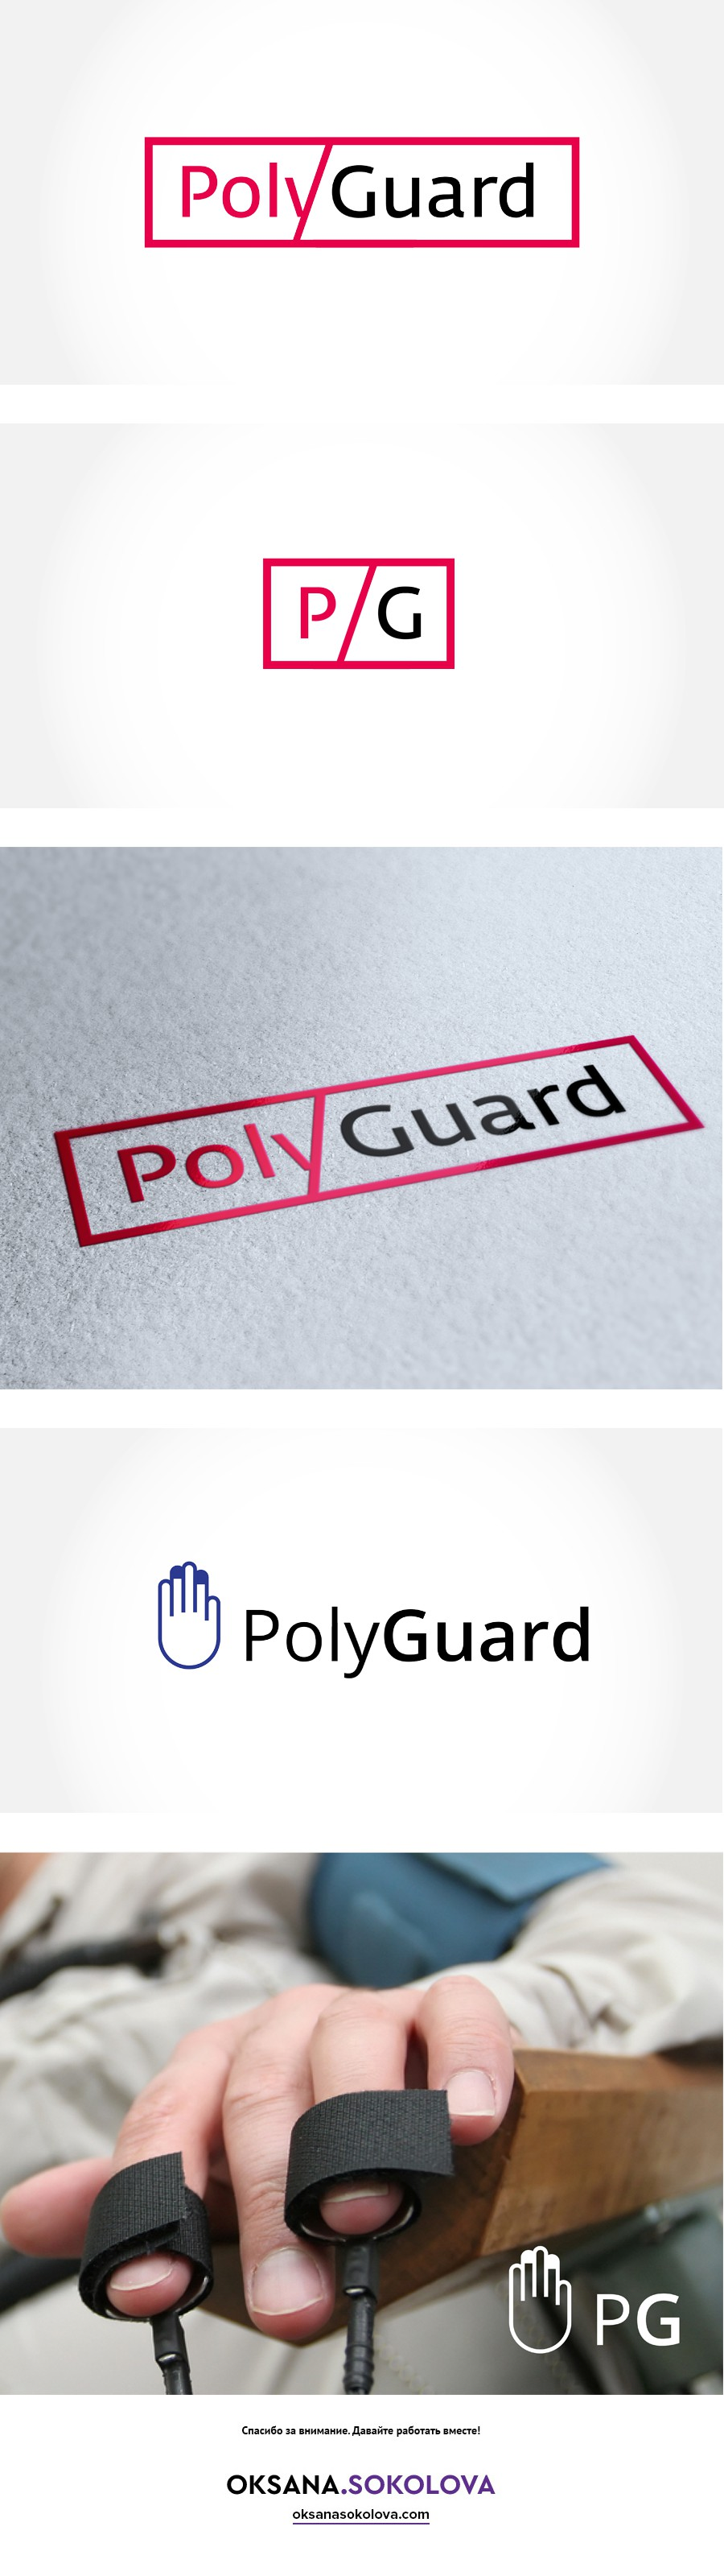 Polyguard